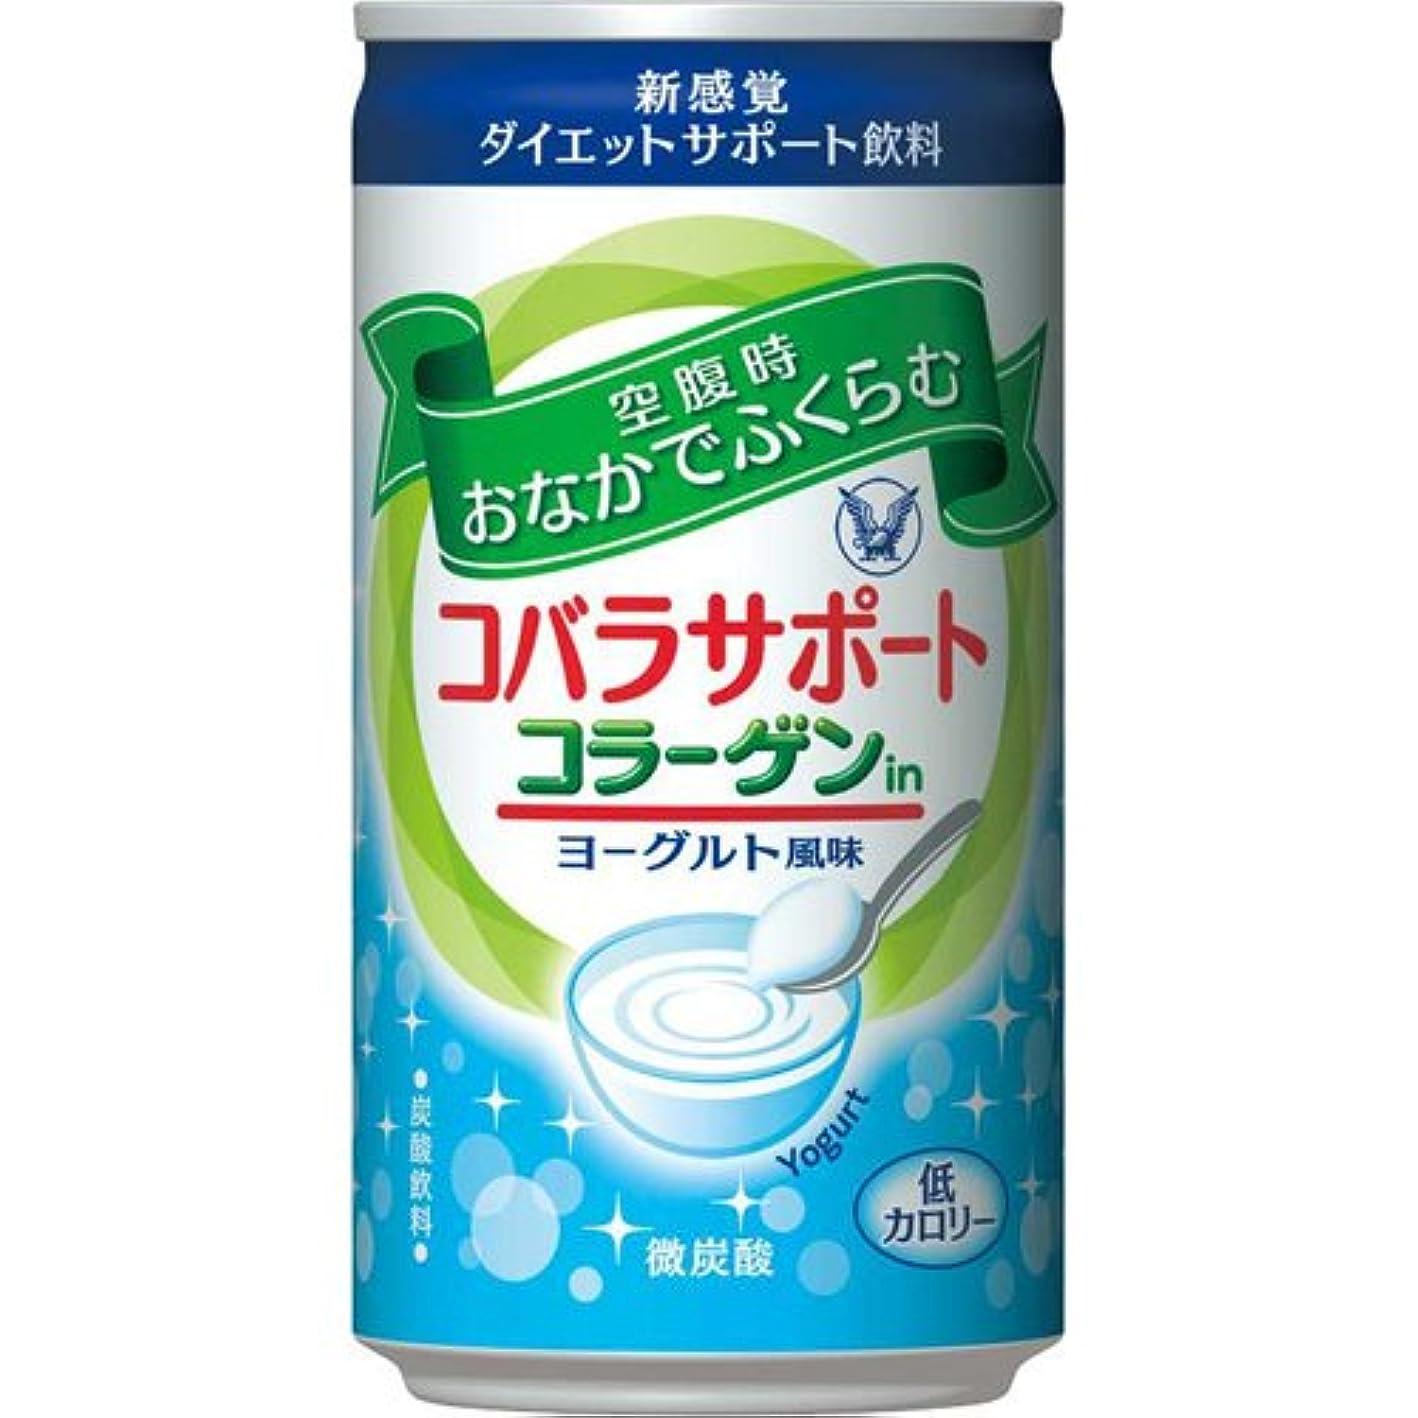 落ち着く消防士クスコ大正製薬 コバラサポート コラーゲンinヨーグルト風味 1缶